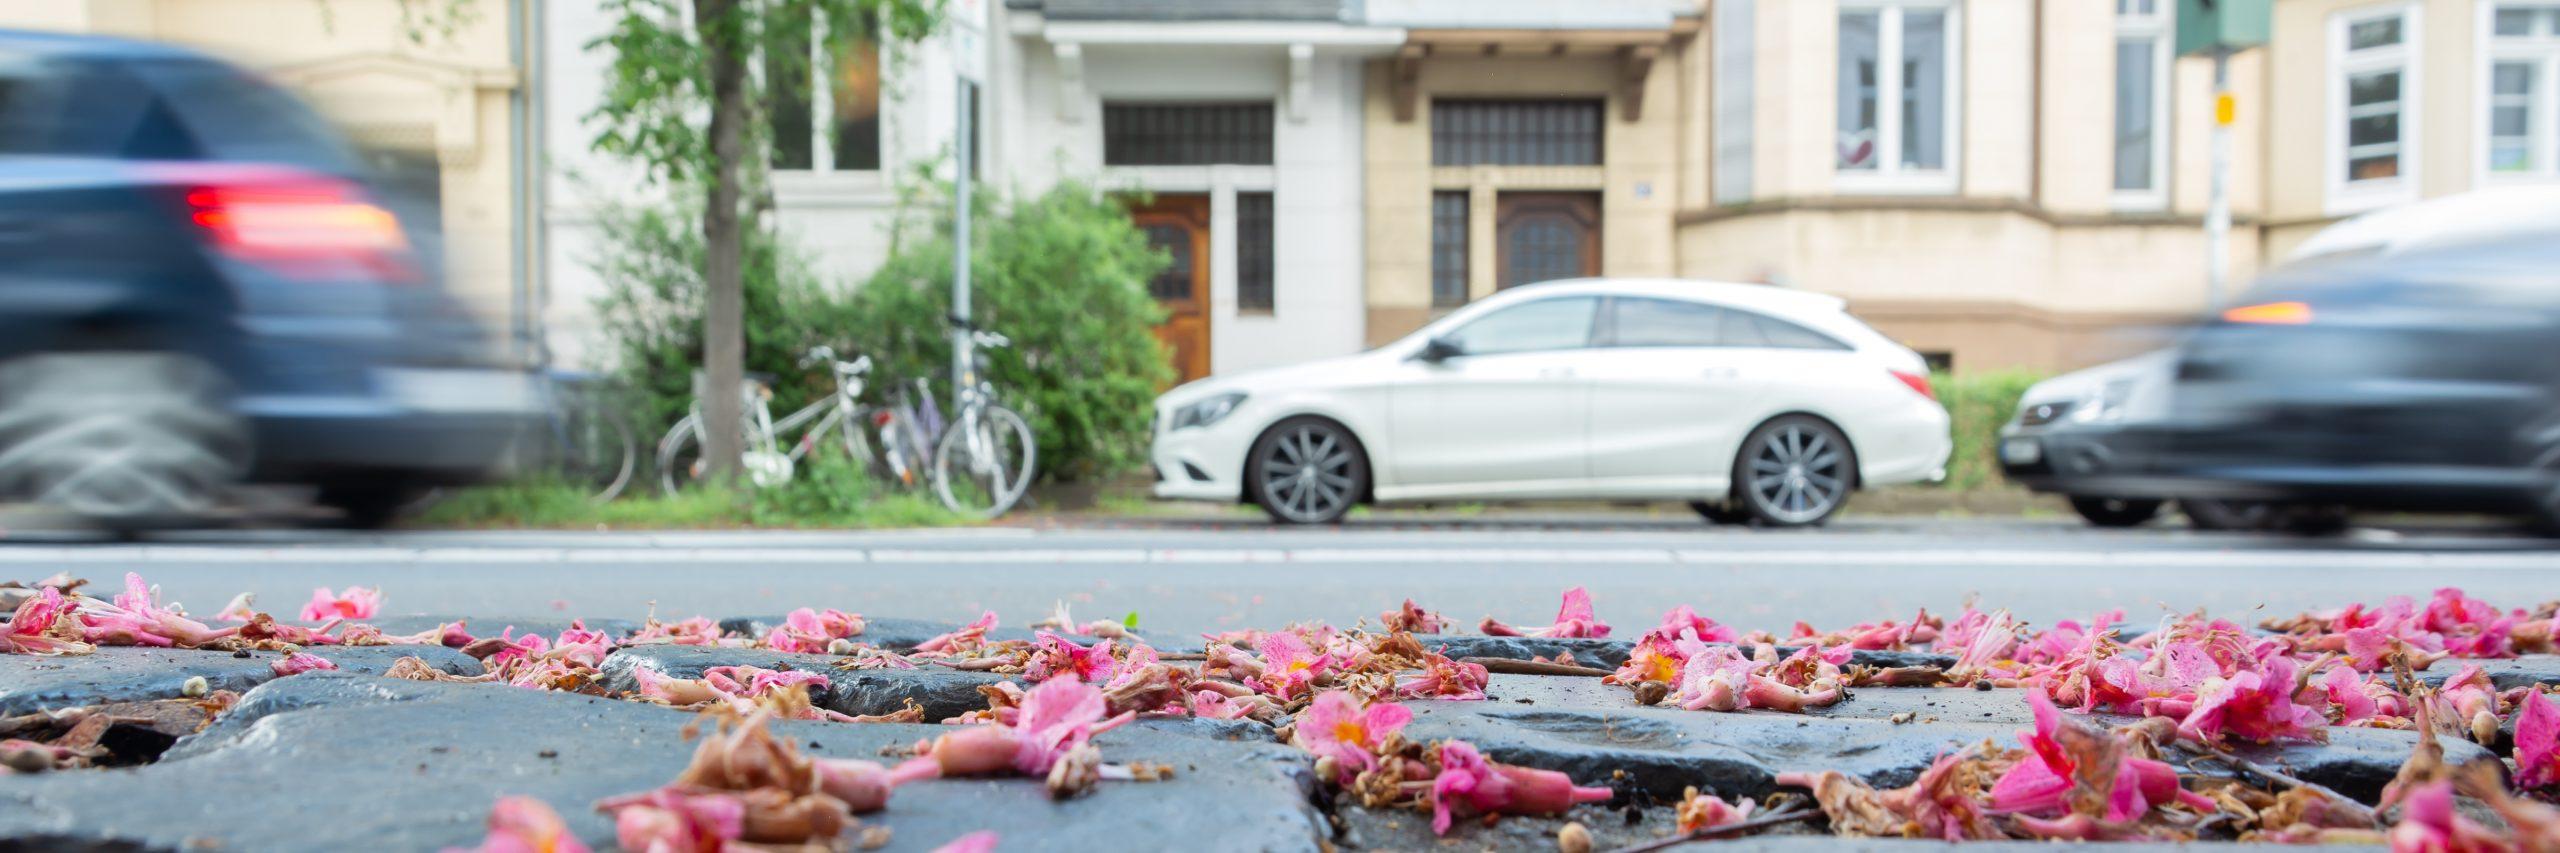 Straße; Blüten; fahrende Autos; Autos; Ridesharing; Umweltspur